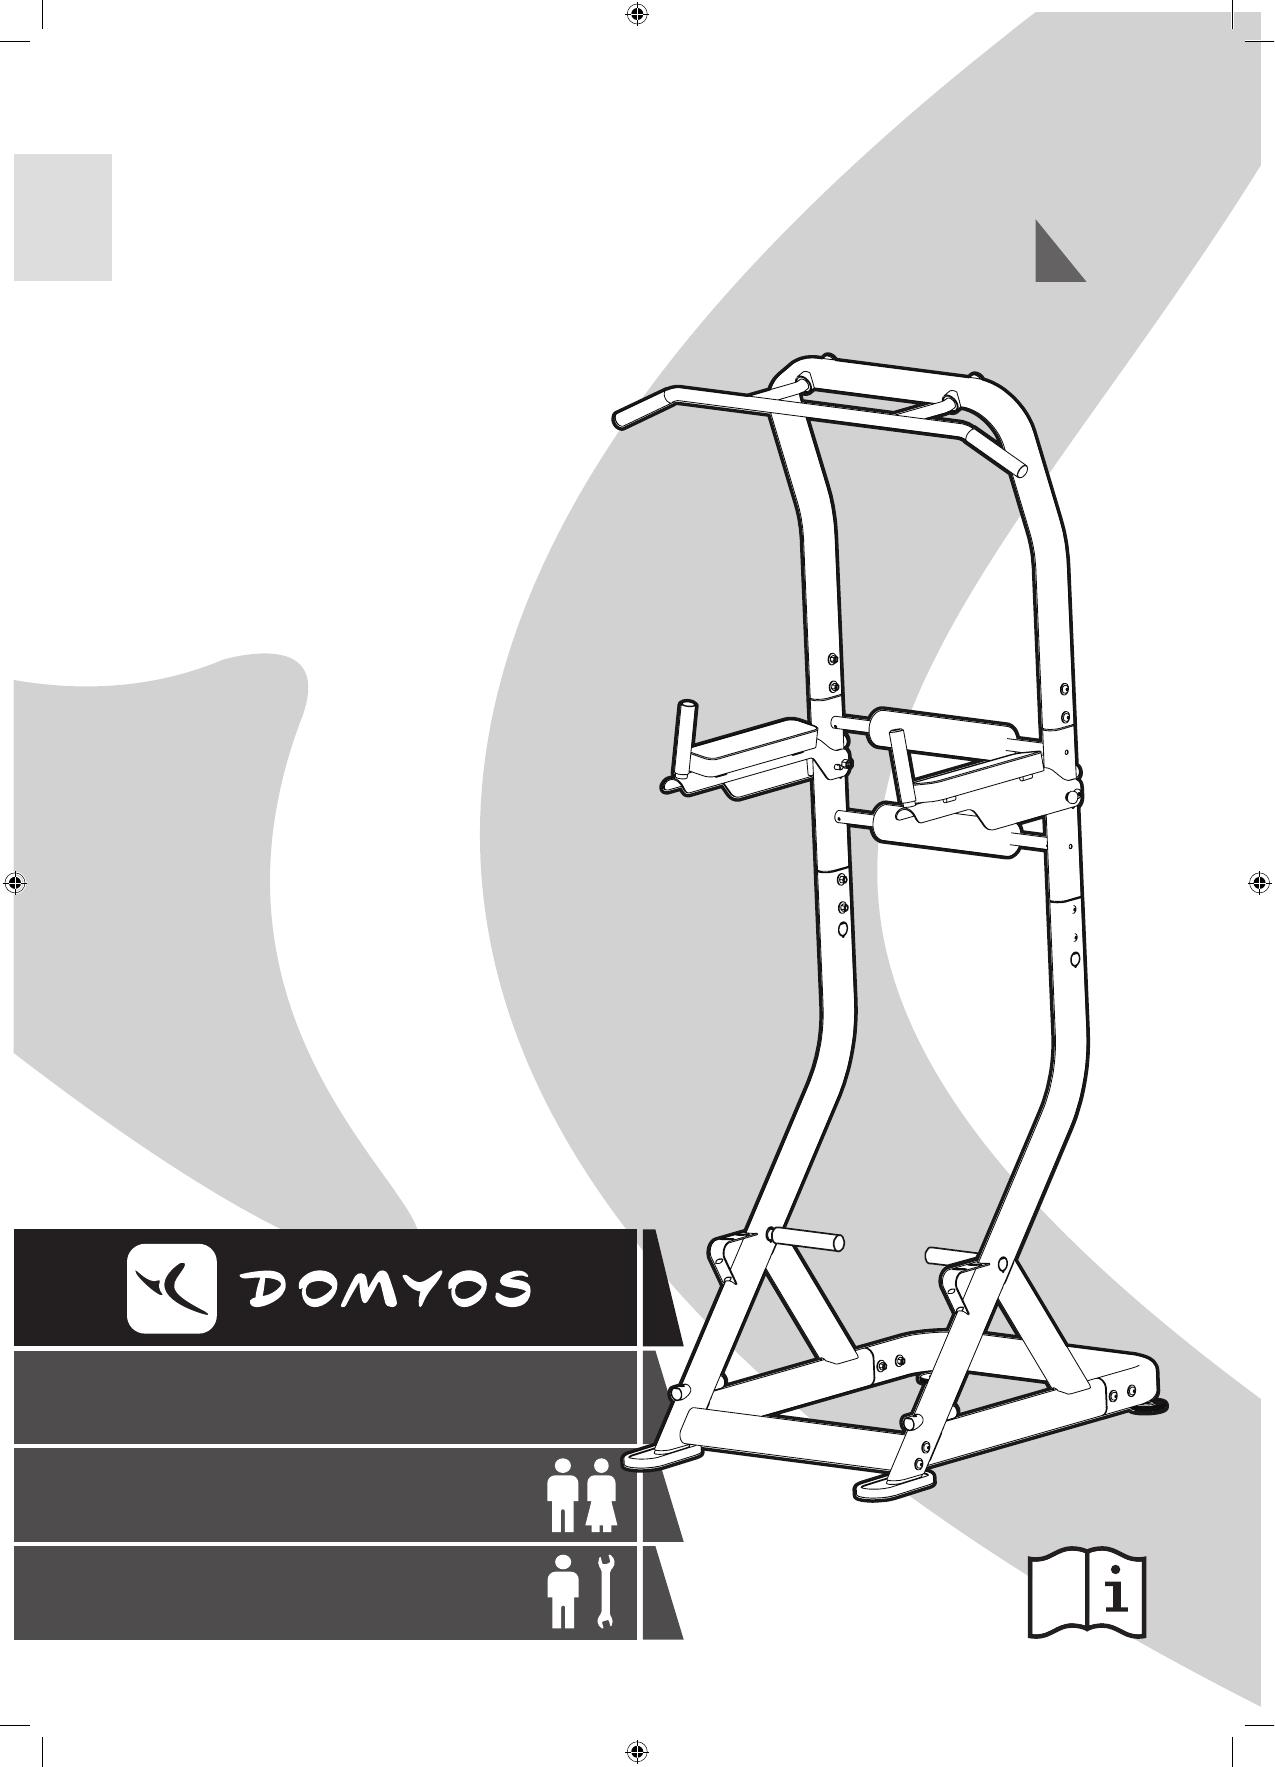 Petunjuk Ds Compact Domyos 17 Halaman